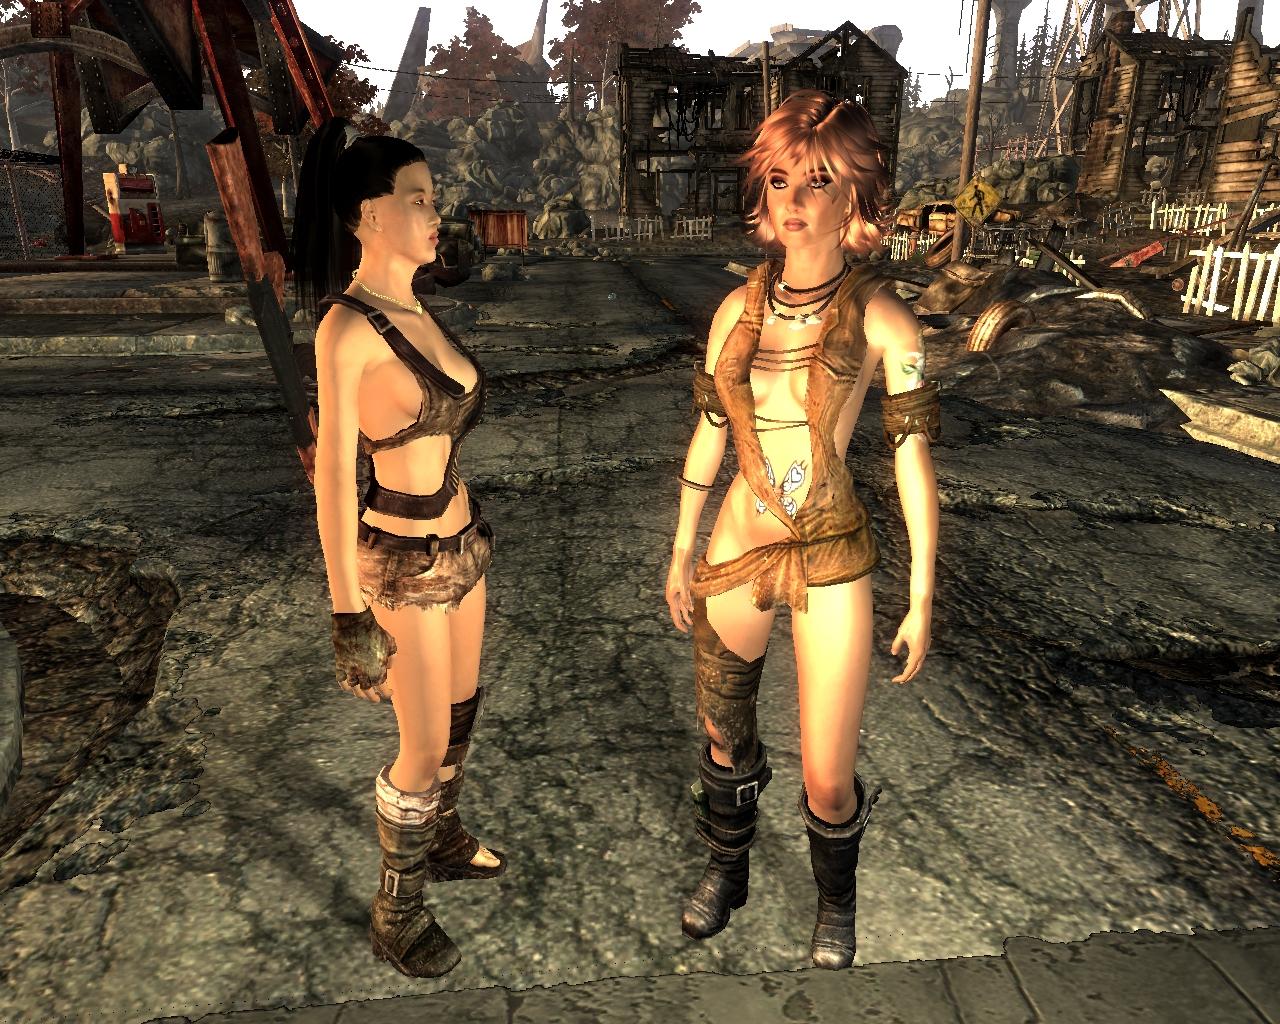 porno-mod-na-fallout-3